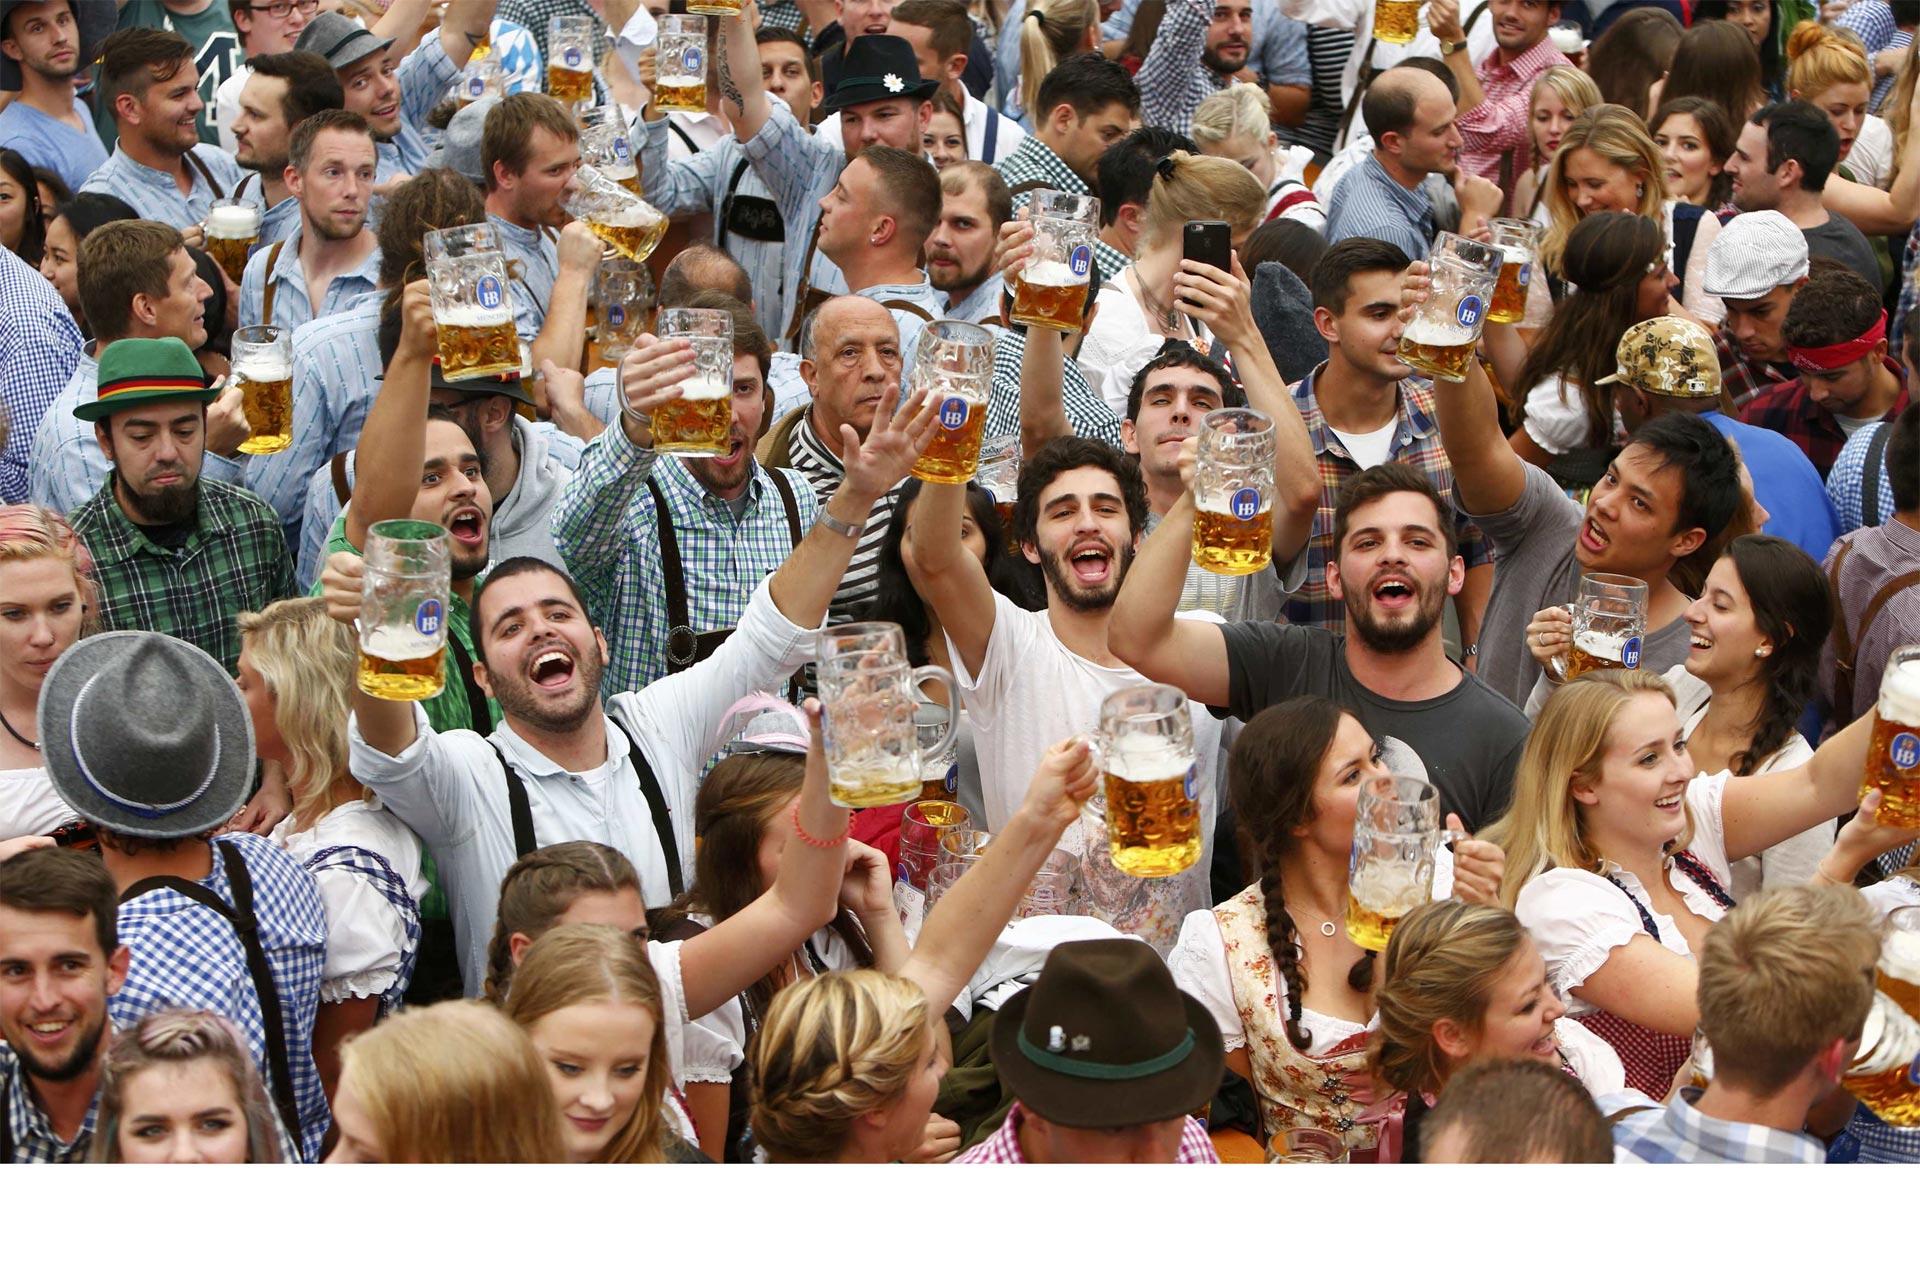 Múnich festeja a la cerveza